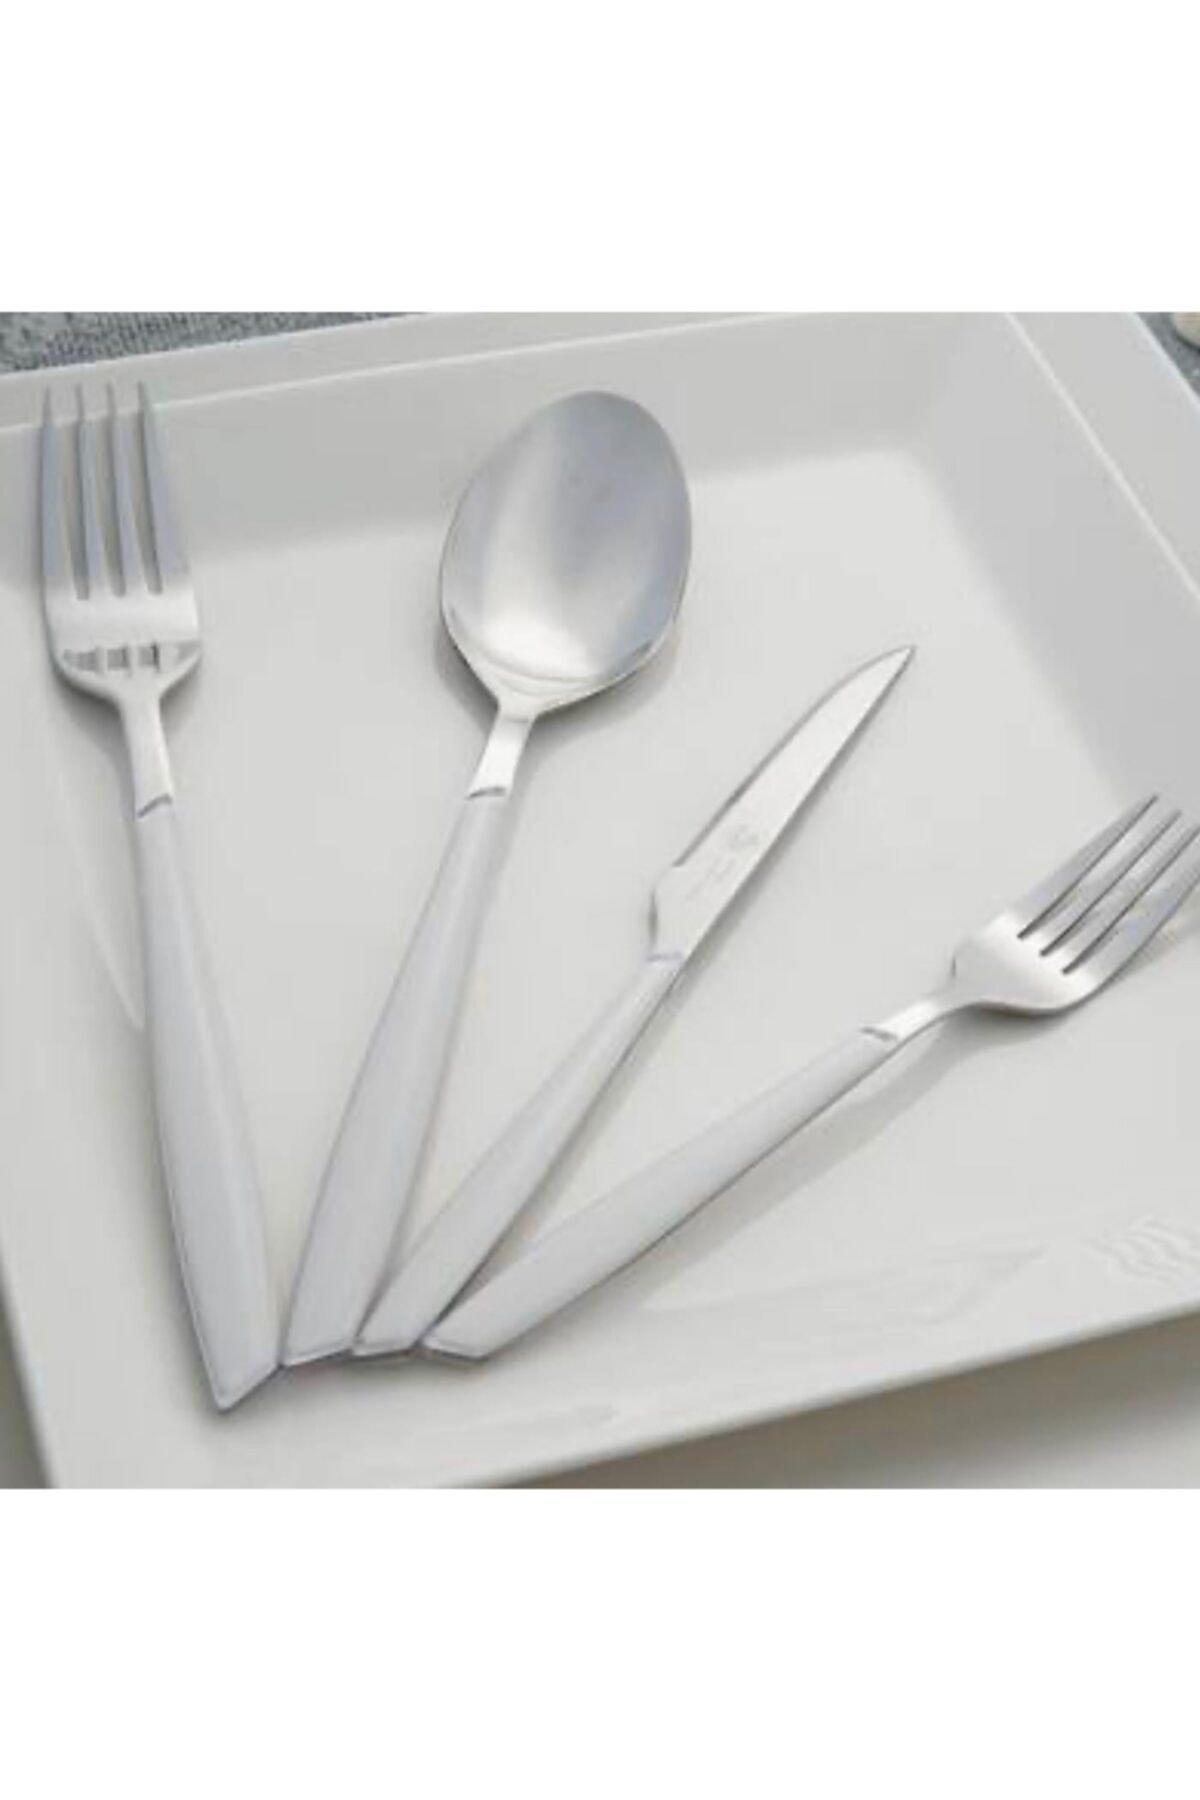 ACAR 24 Parça Akrilik Saplı Çatal Kaşık Bıçak Seti Beyaz Beyaz 1